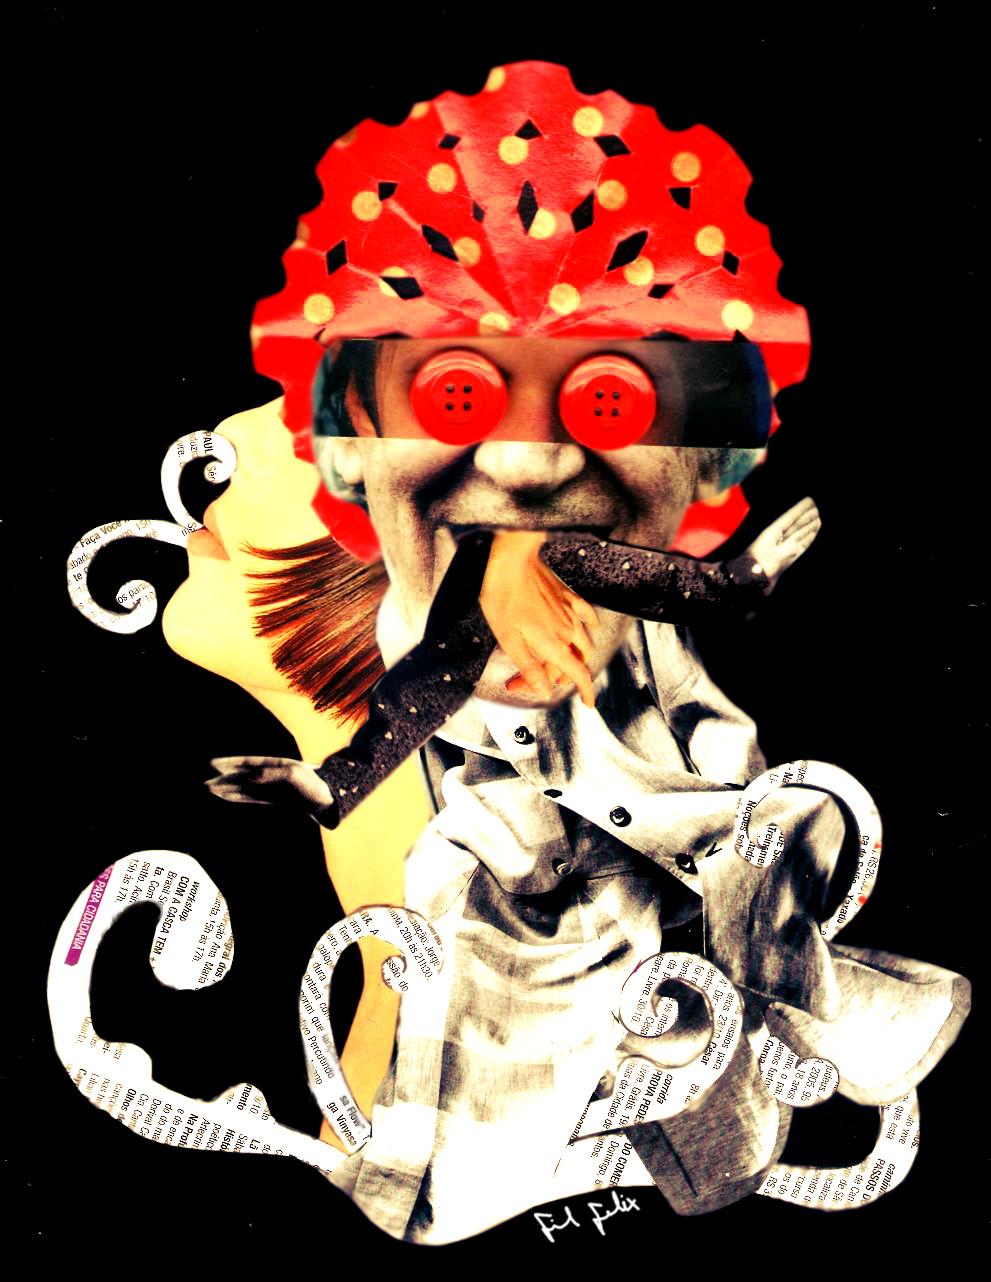 sobre-palavras-e-medusas-collage-fil-felix